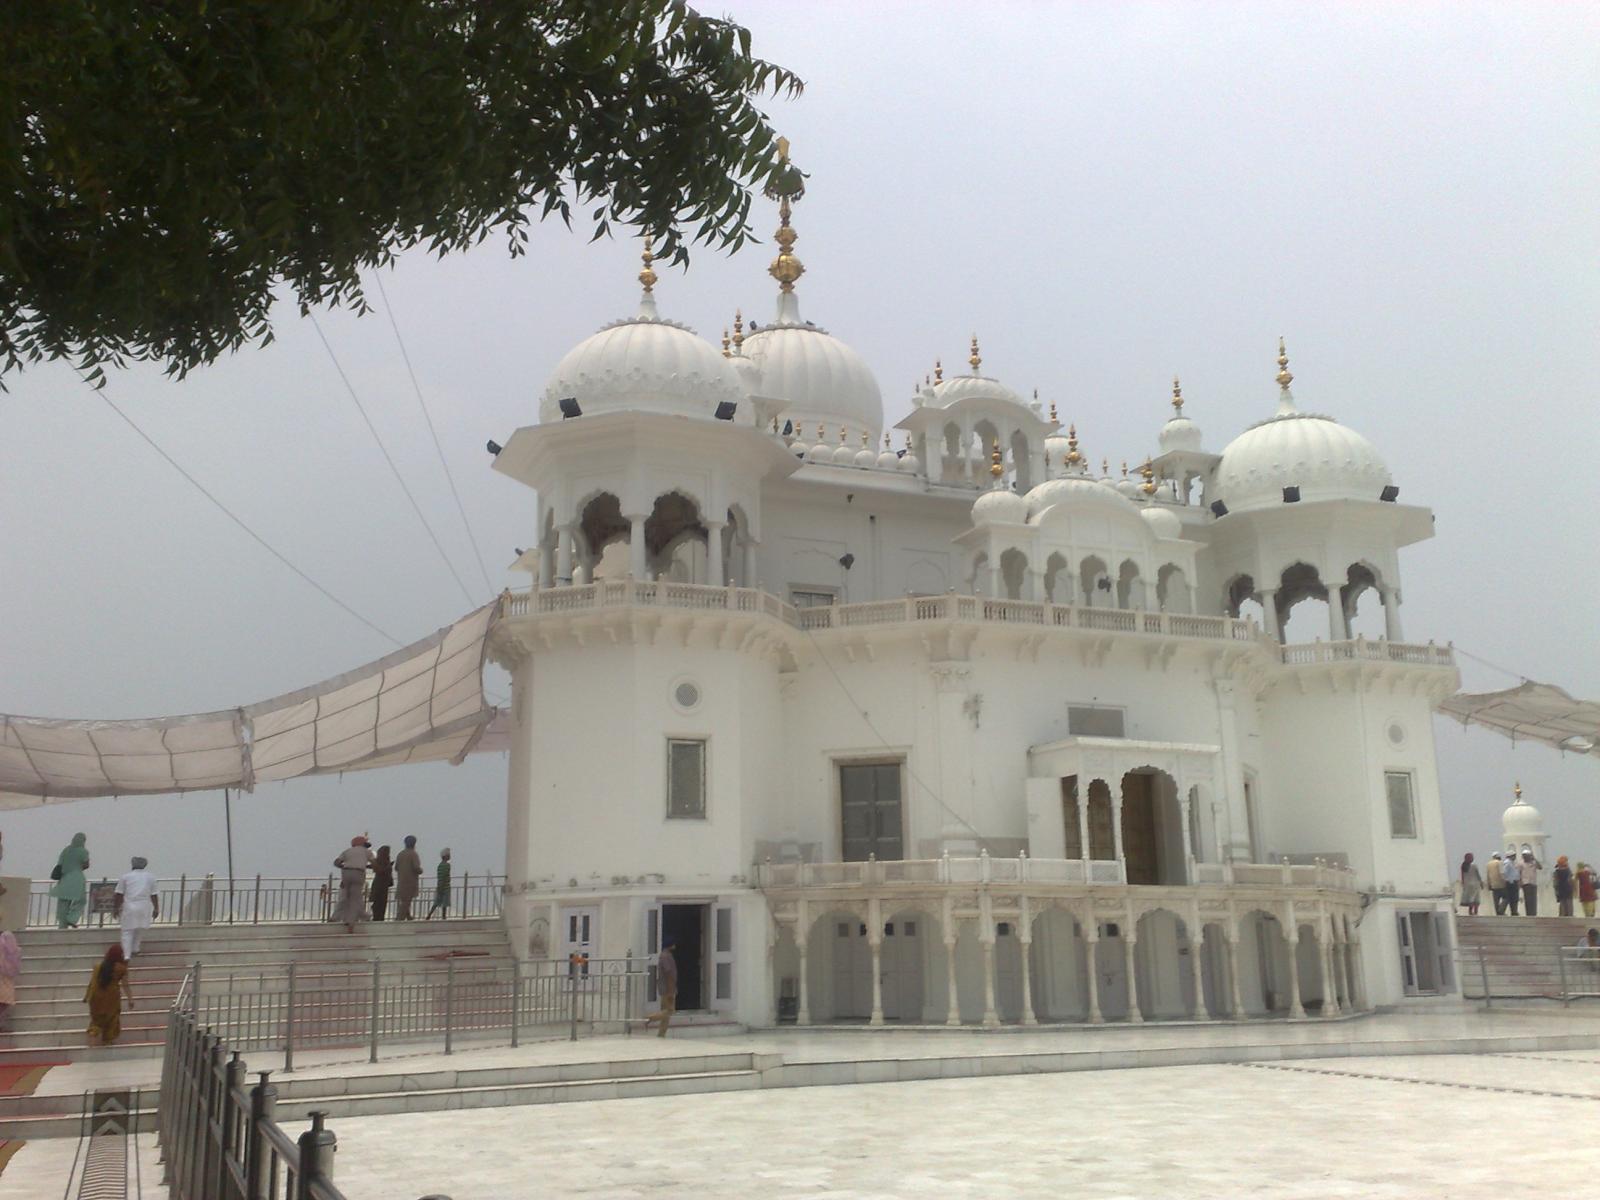 Gurudwara Keshgarh Sahib, Anandpur Sahib